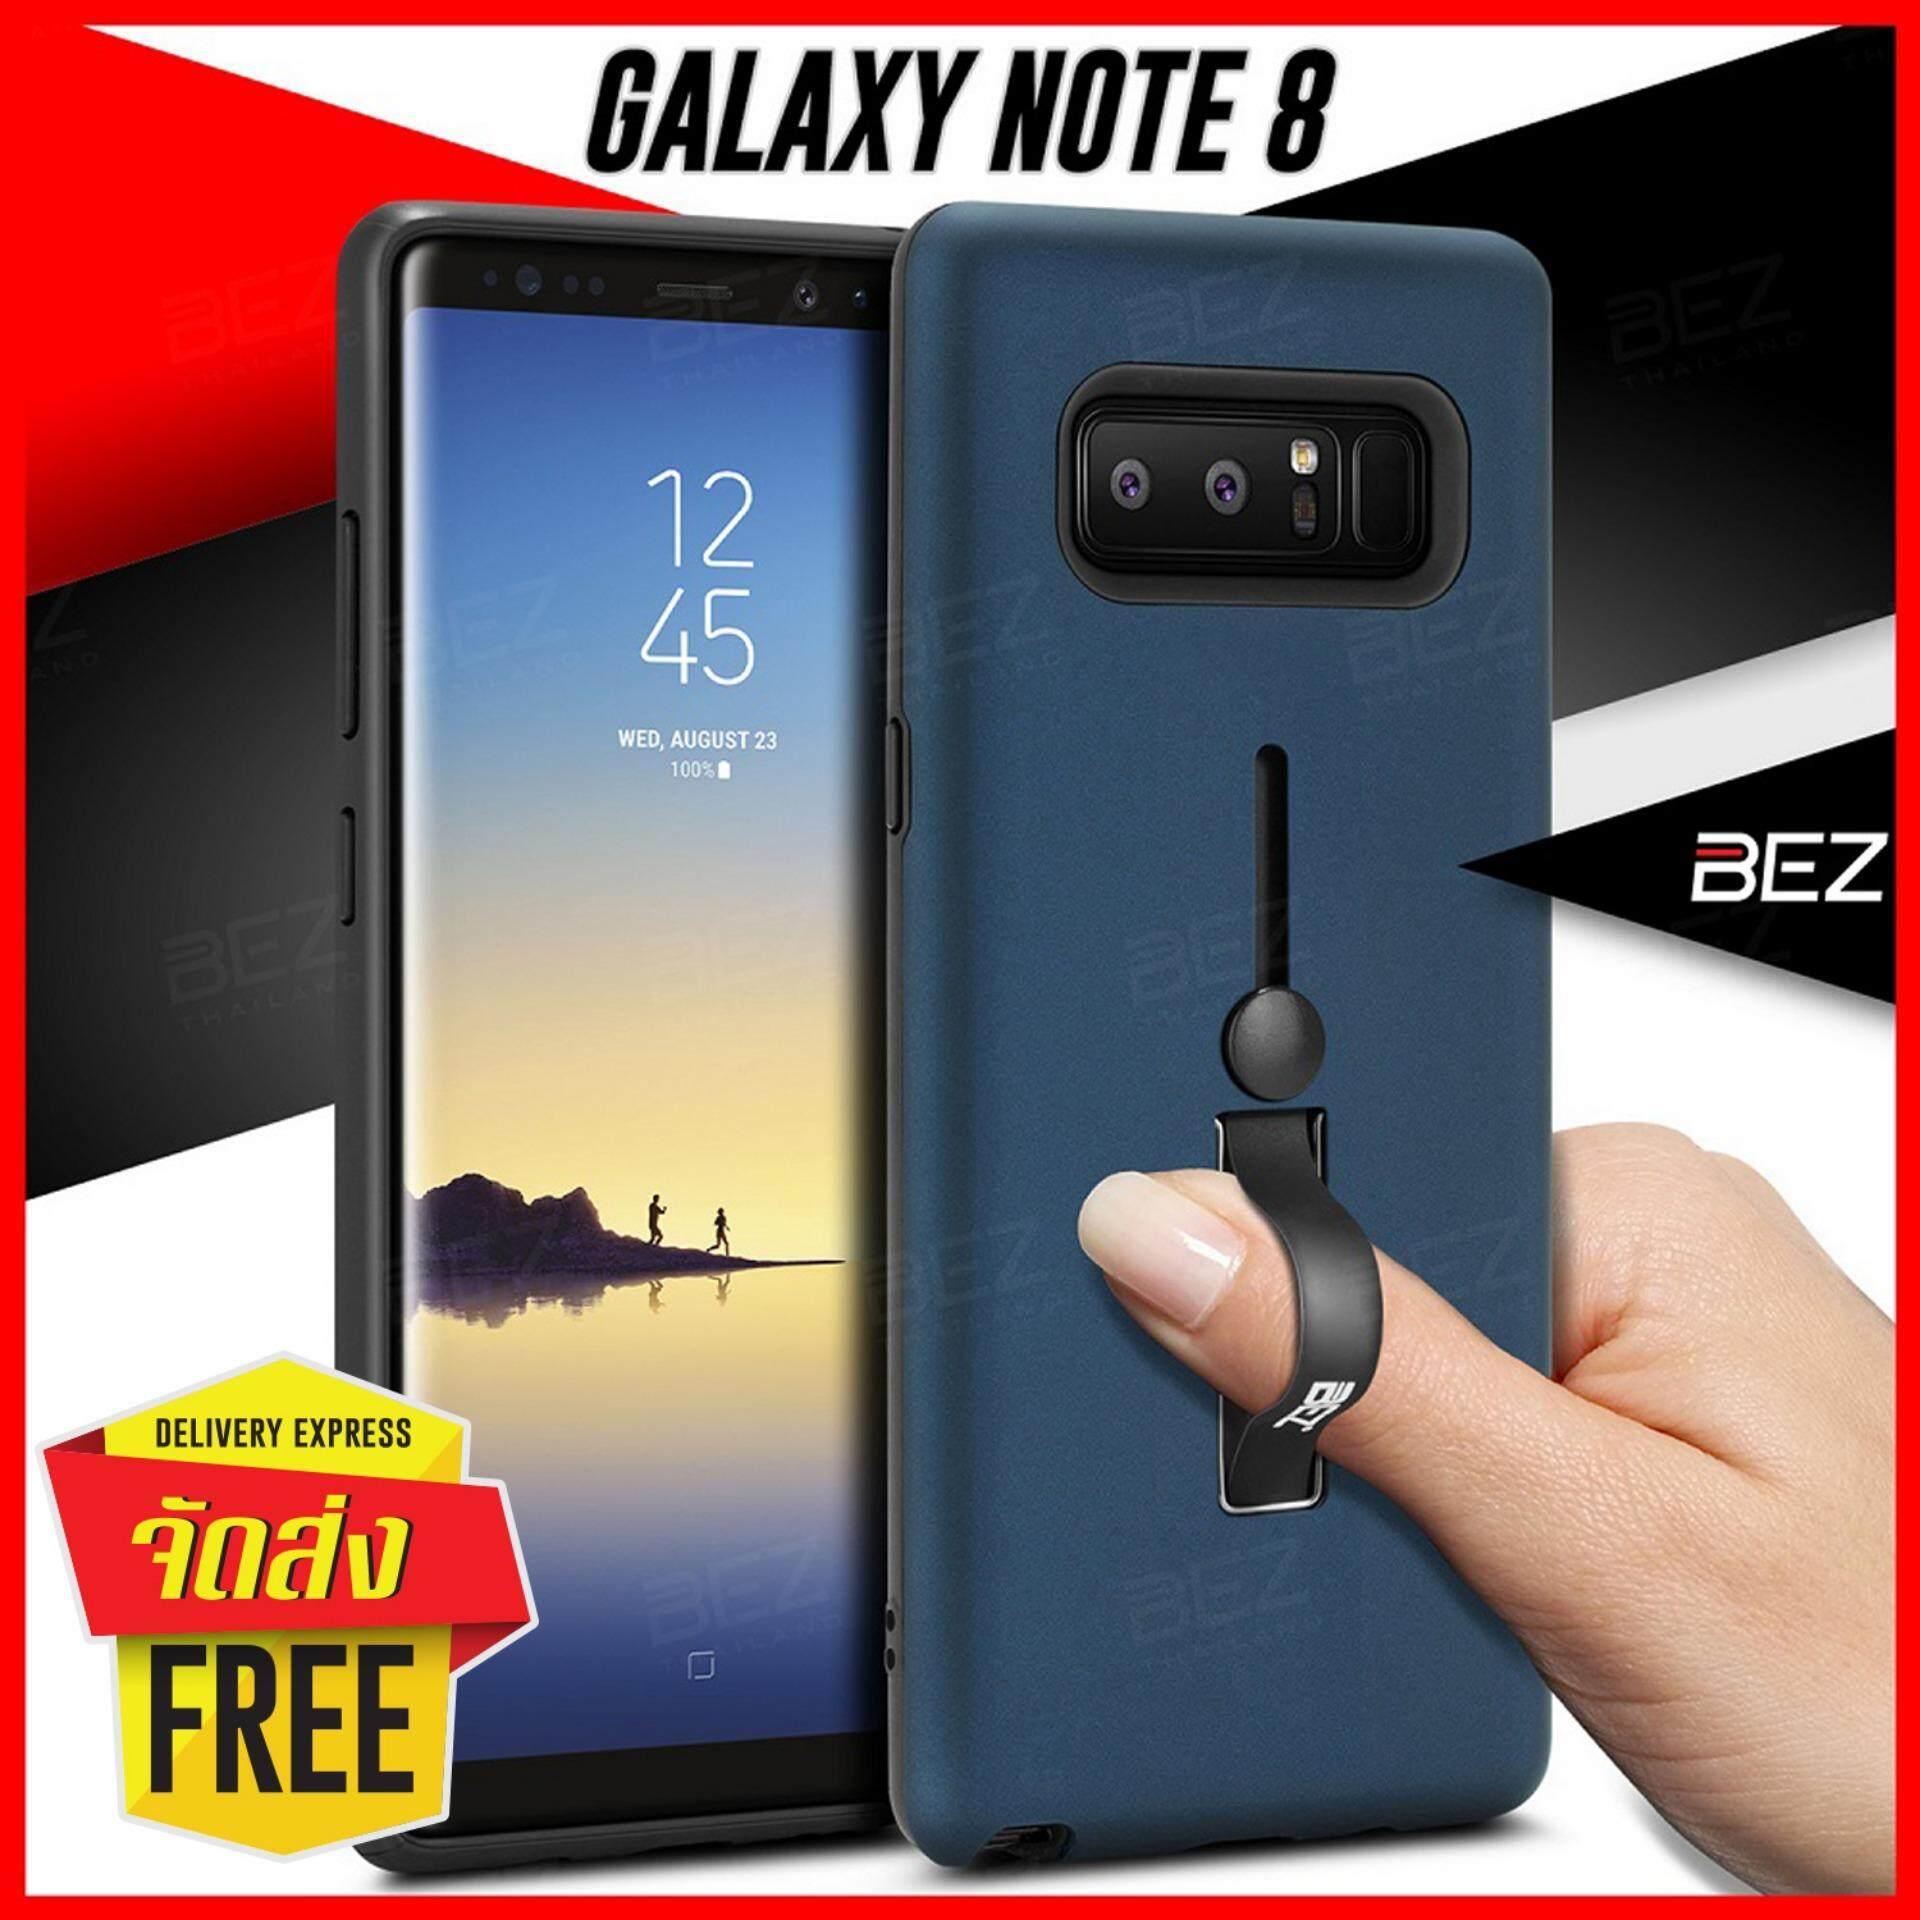 เคส Note 8 เคส Samsung Galaxy Note 8 เคสซัมซุง โน๊ต 8 เคส ซัมซุง โน้ต 8 Samsung Galaxy Note 8 Case เคสโทรศัพท์ เคสมือถือ เคสฝาหลัง กันกระแทก พร้อมที่สอดนิ้ว ตั้งได้ BEZ Finger Strap Ring Holder Case / HF NO8-